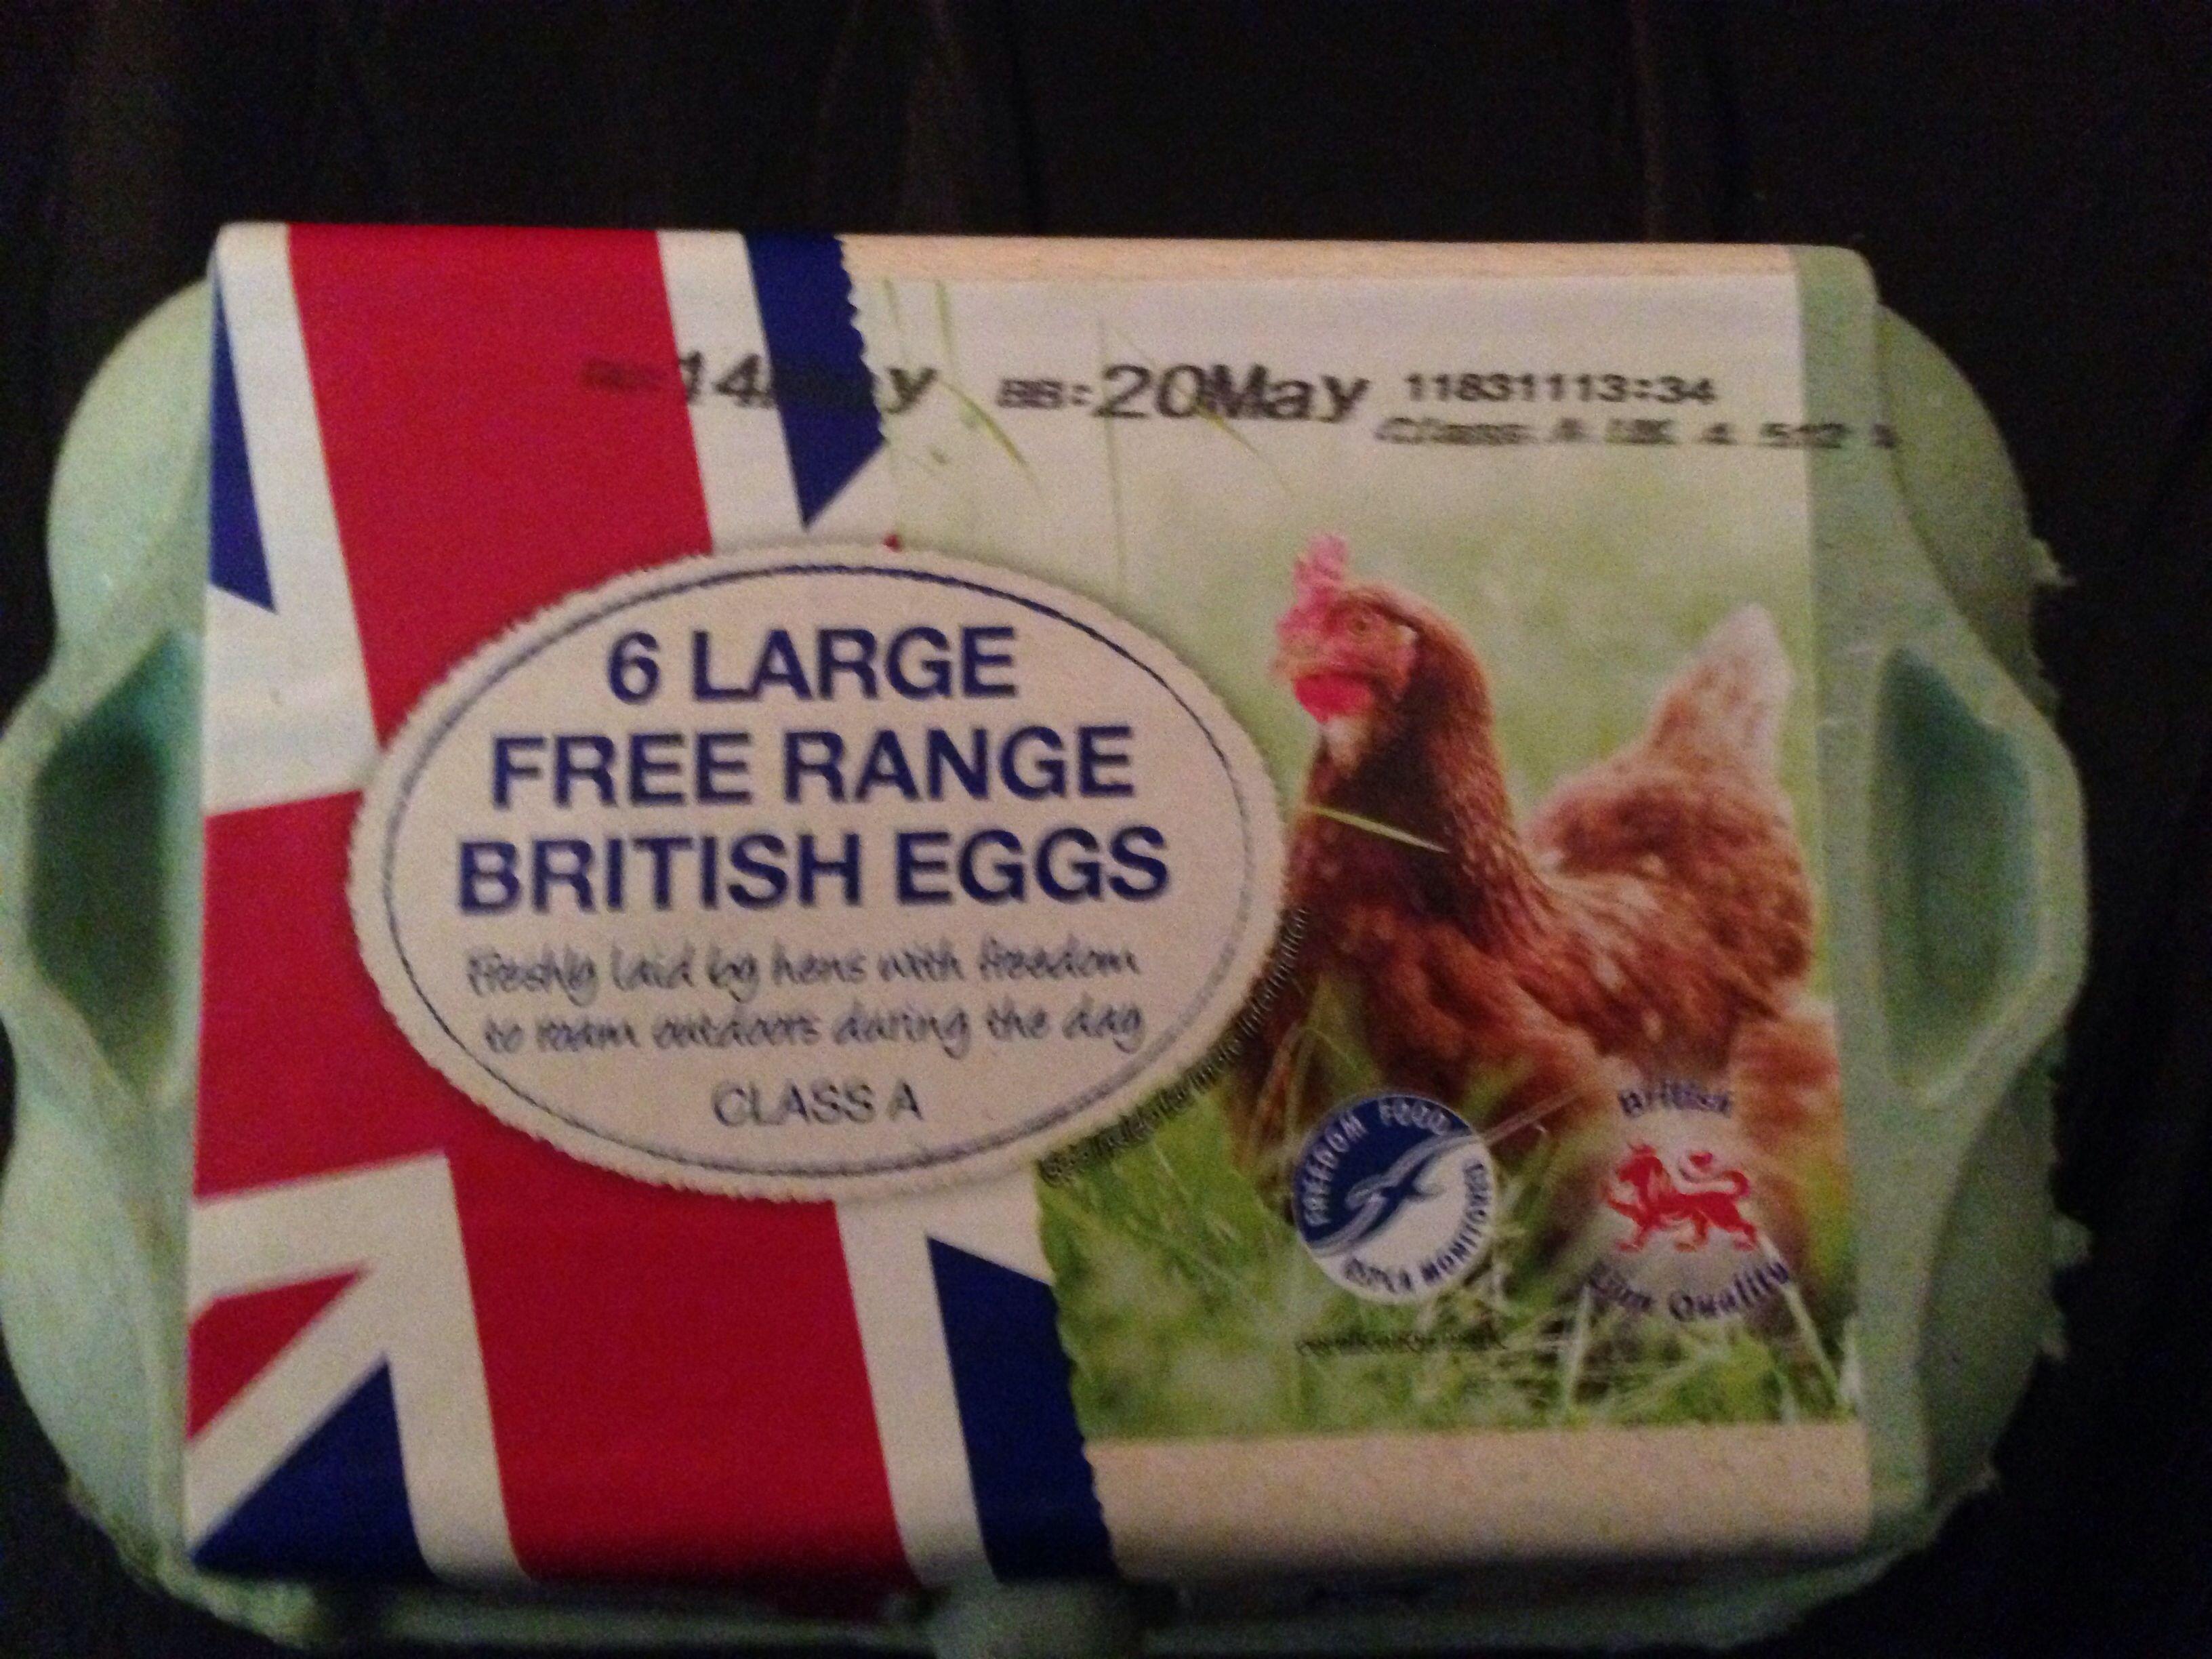 6 larges free range British eggs - Product